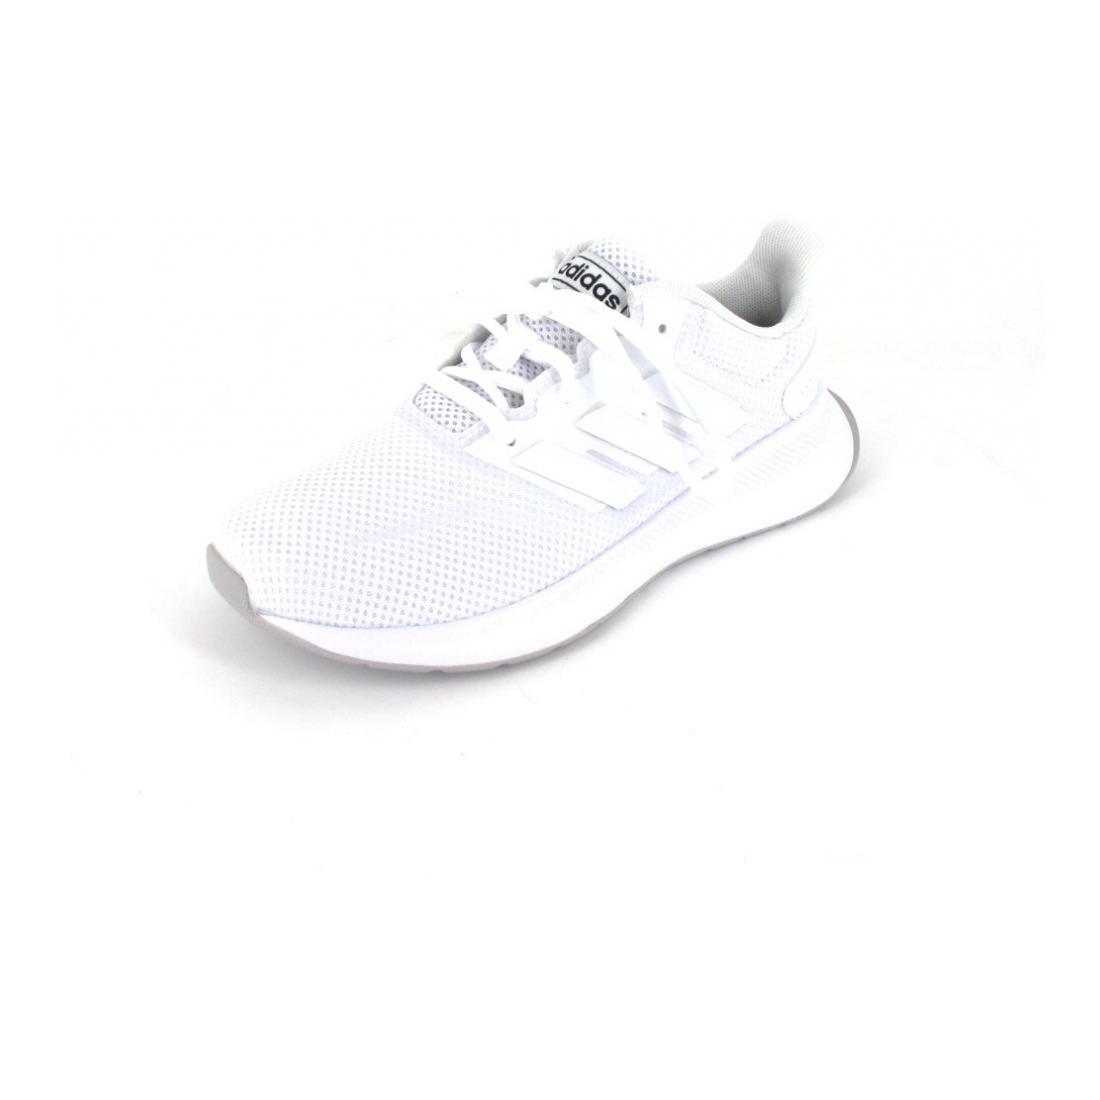 adidas Sportschuh Funfalcon K